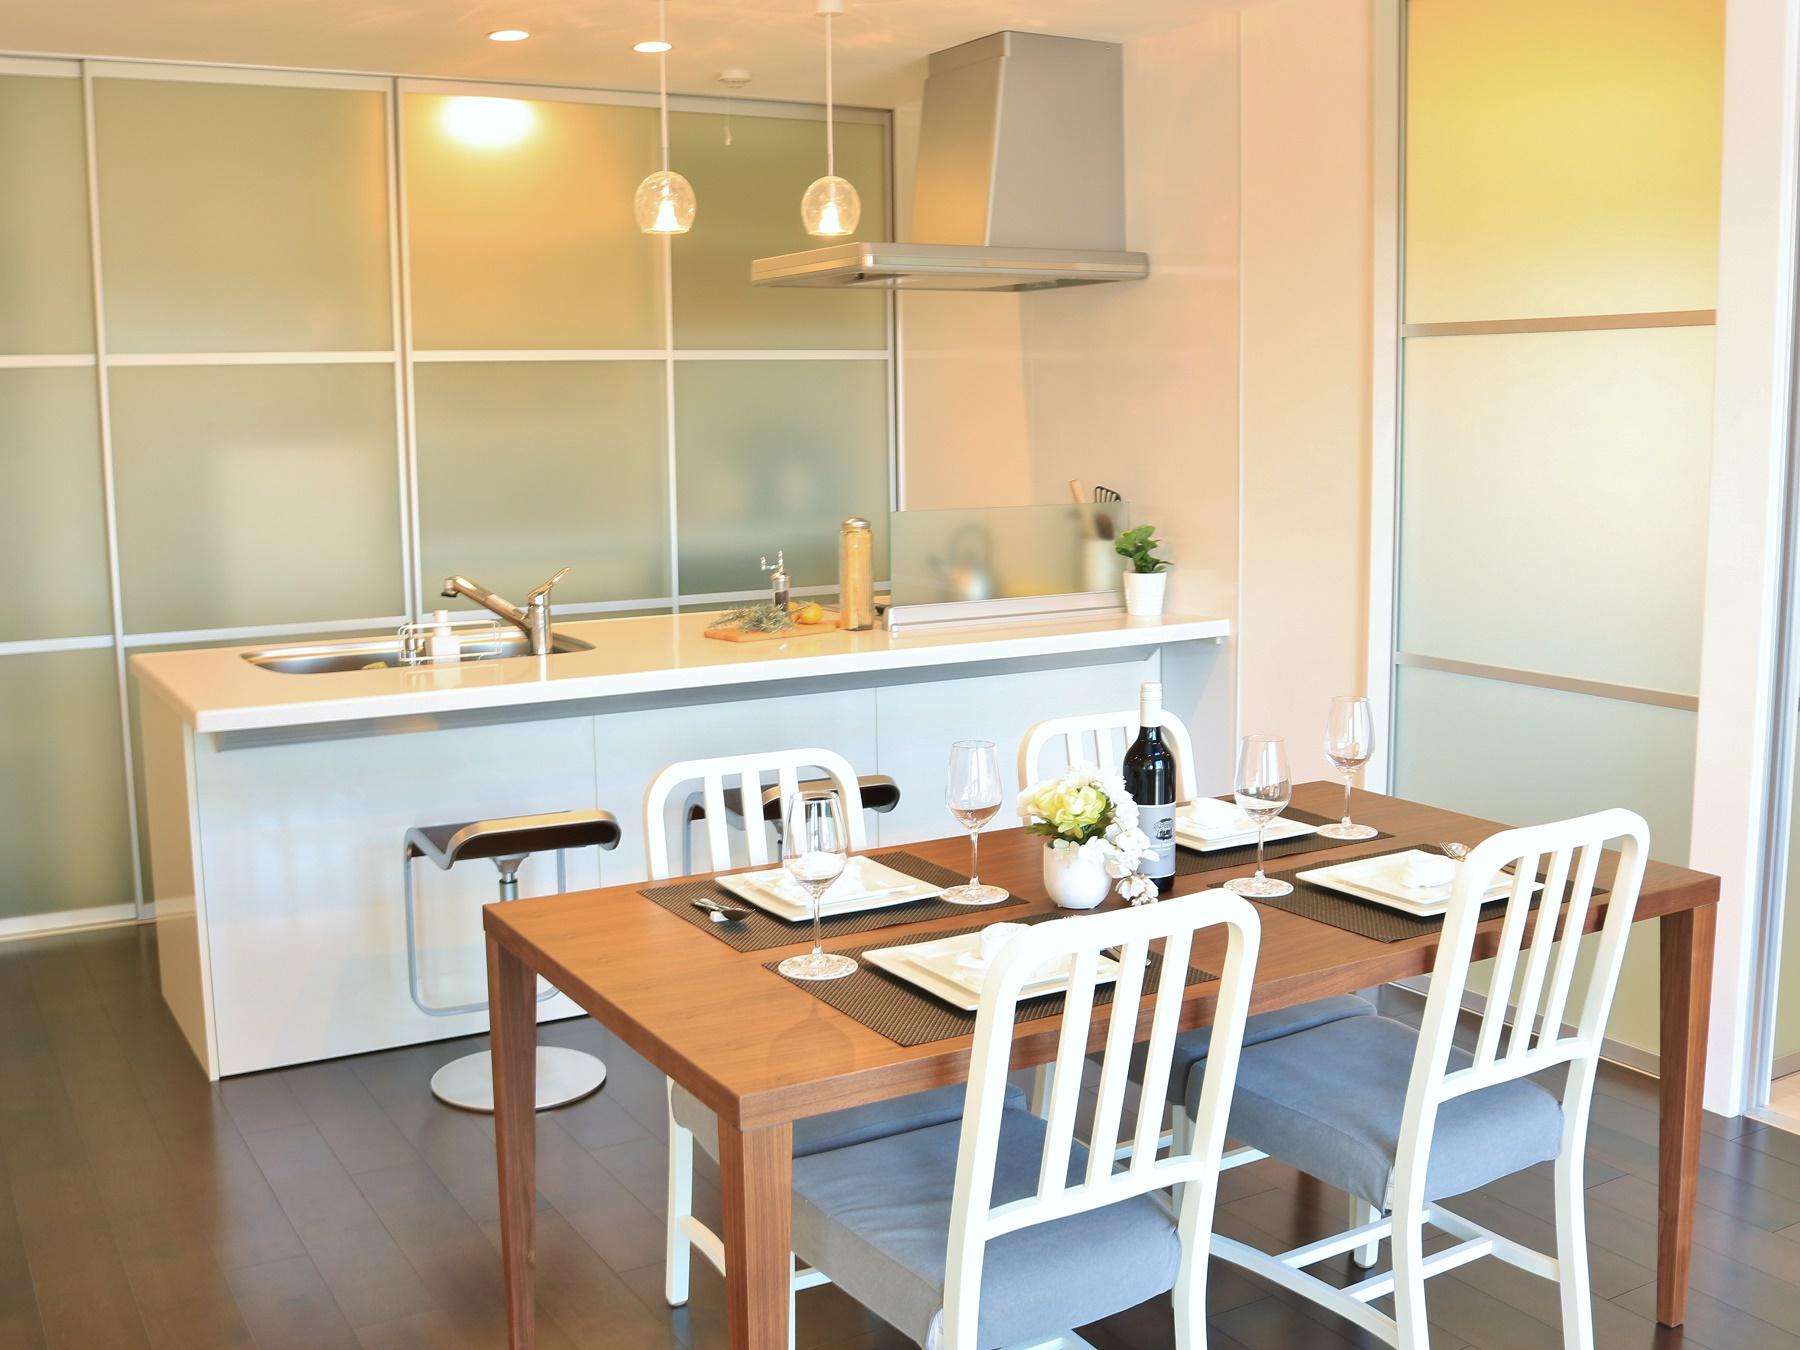 吹き抜けの解放的な空間と、明るい日差しで家族が笑顔になれる食卓です。